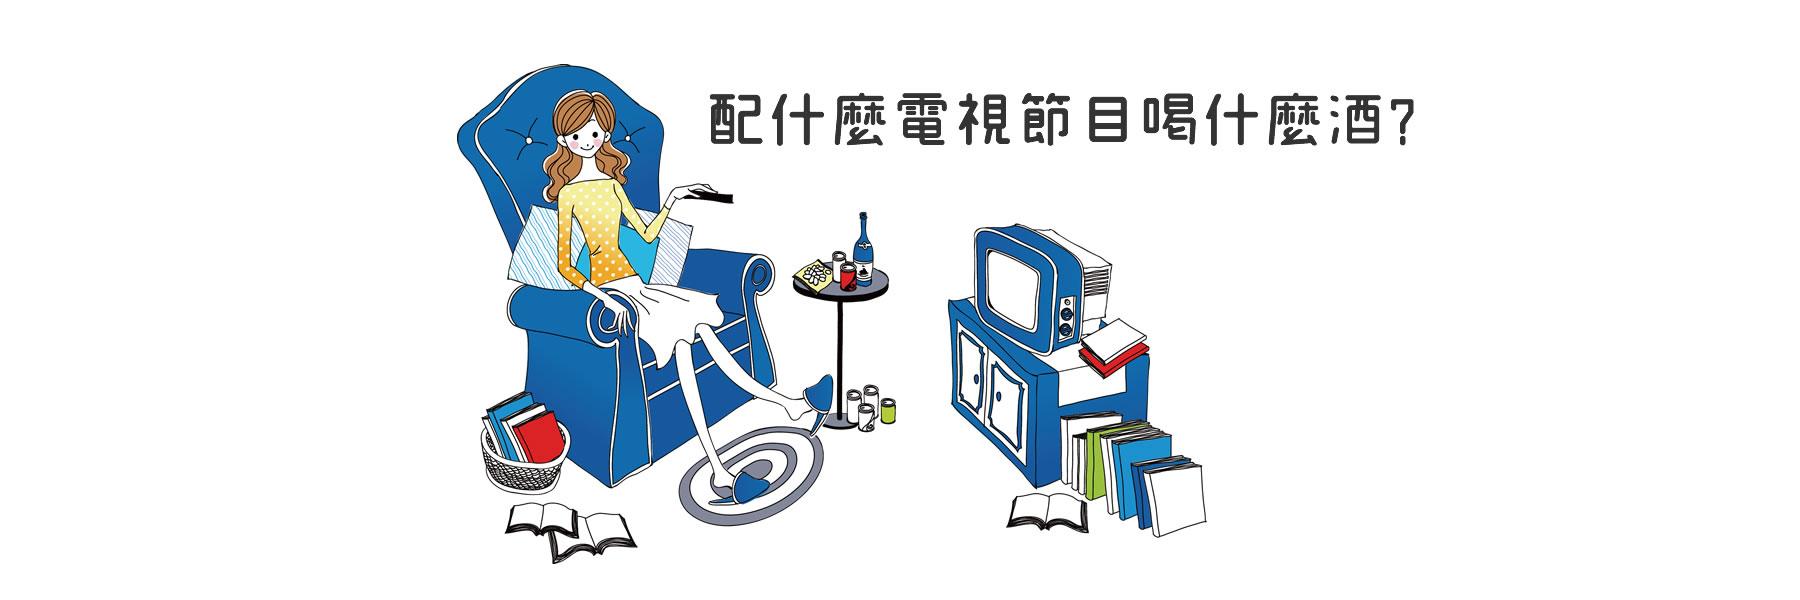 【歐凳的生活飲酒日誌-電視兒童篇】